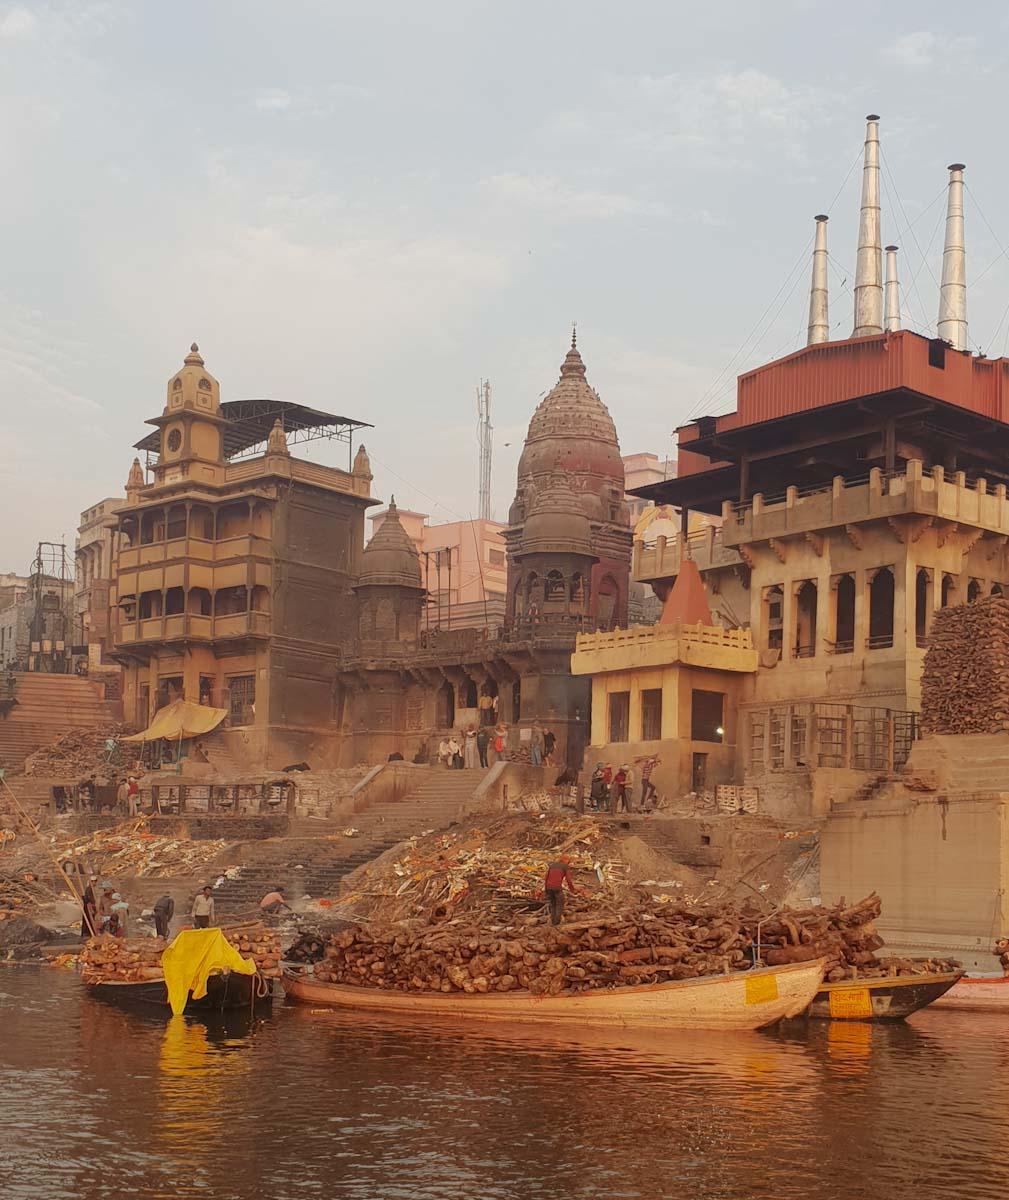 Crematorium ghat in Varanasi